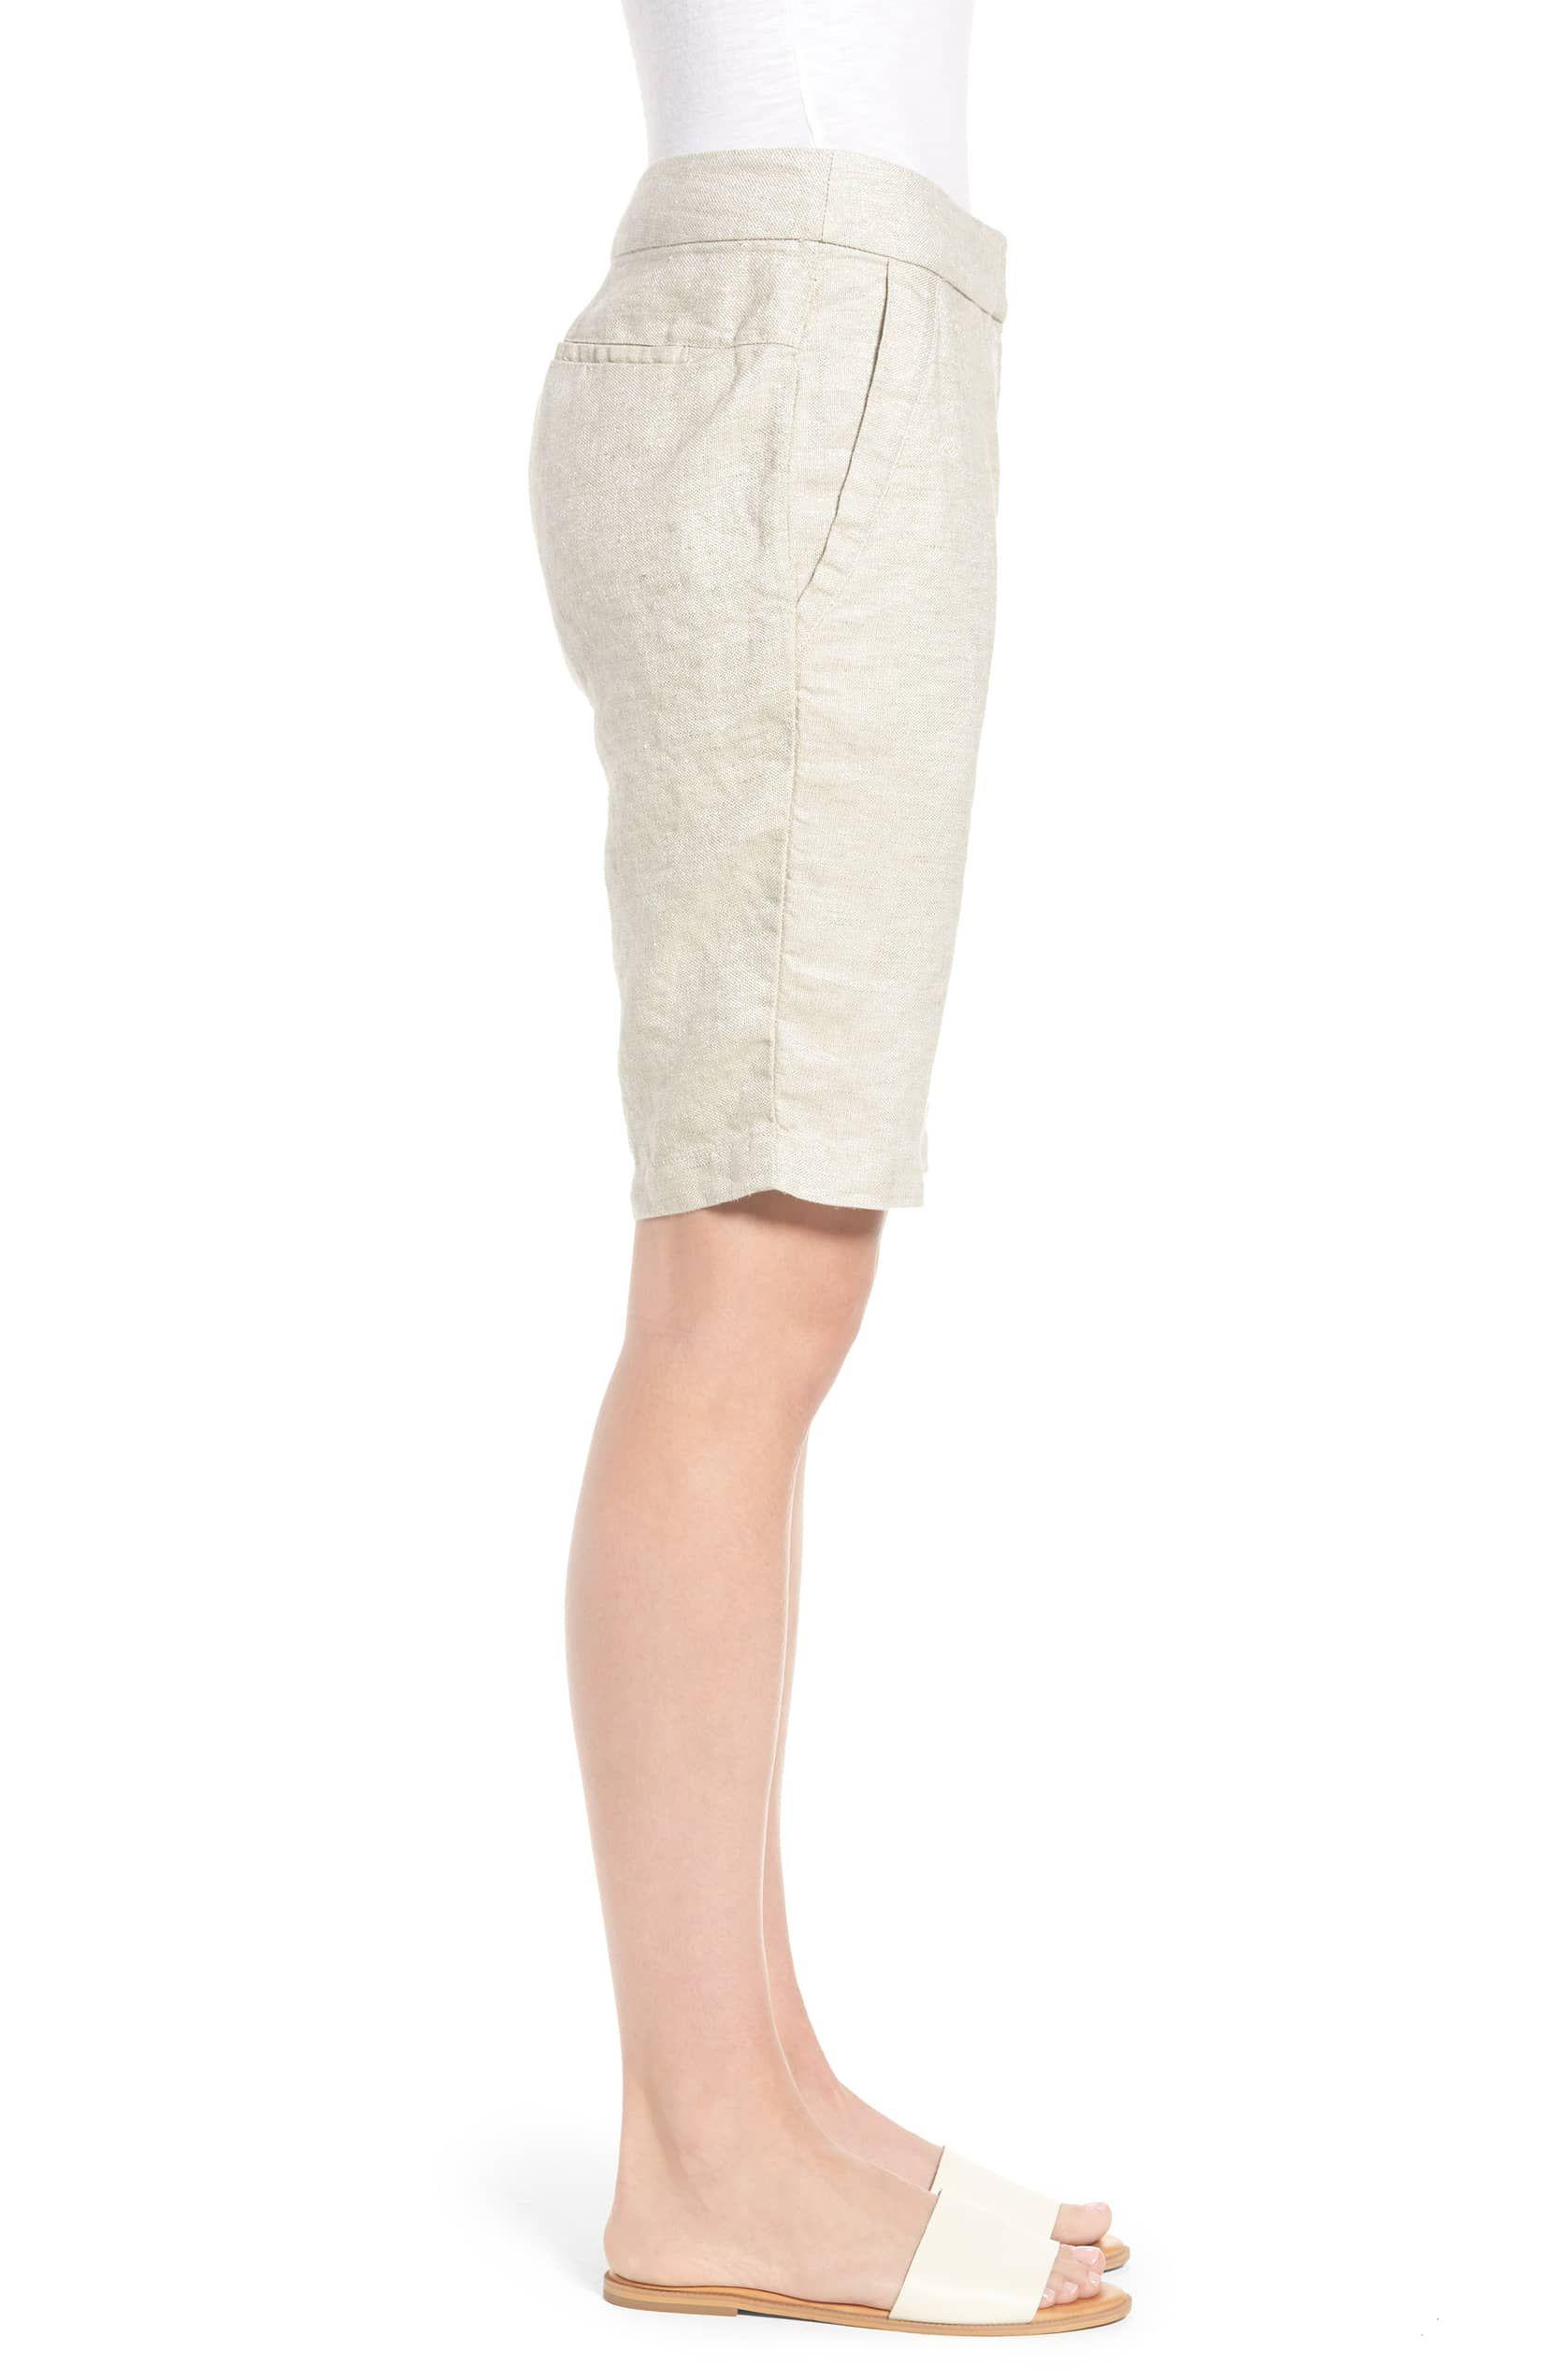 Eileen Fisher Beige Women's Size 0 Shimmer Bermuda Walking Shorts